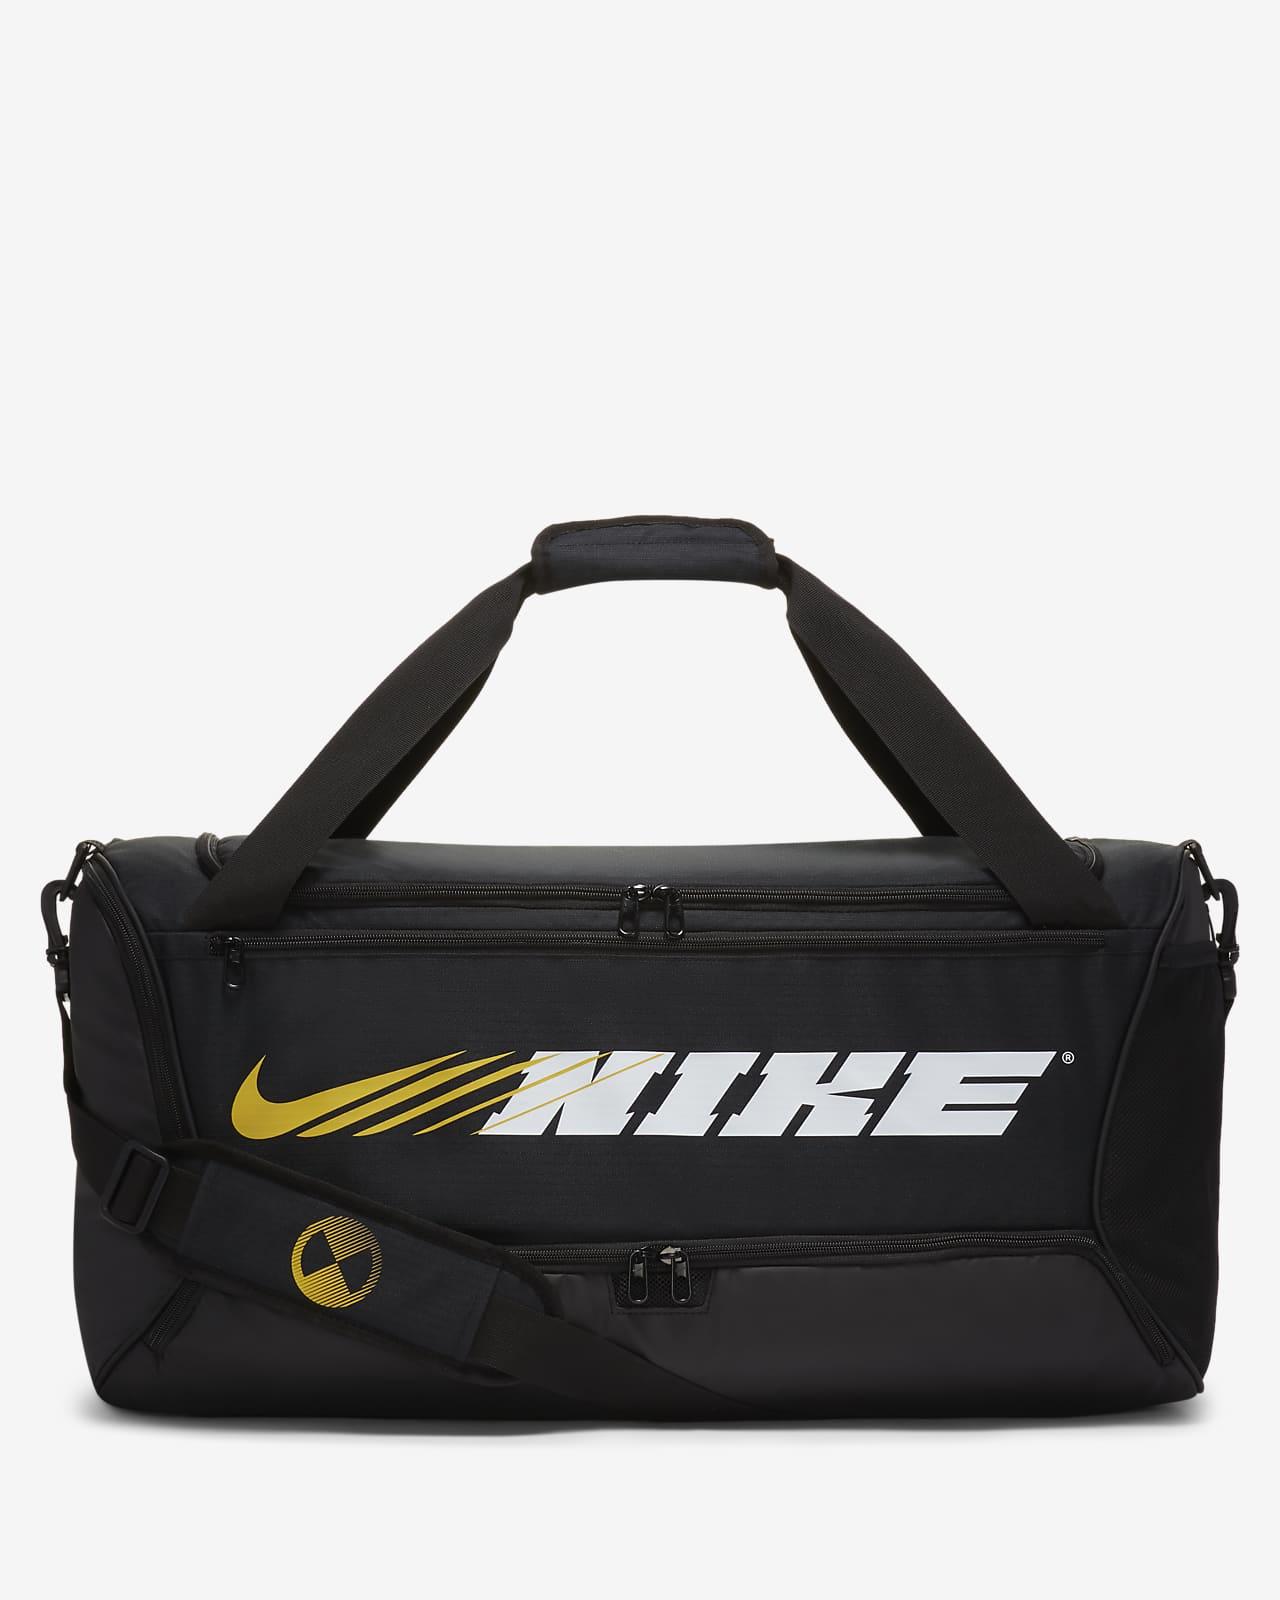 กระเป๋า Duffel เทรนนิ่งมีกราฟิก Nike Brasilia (ขนาดกลาง)